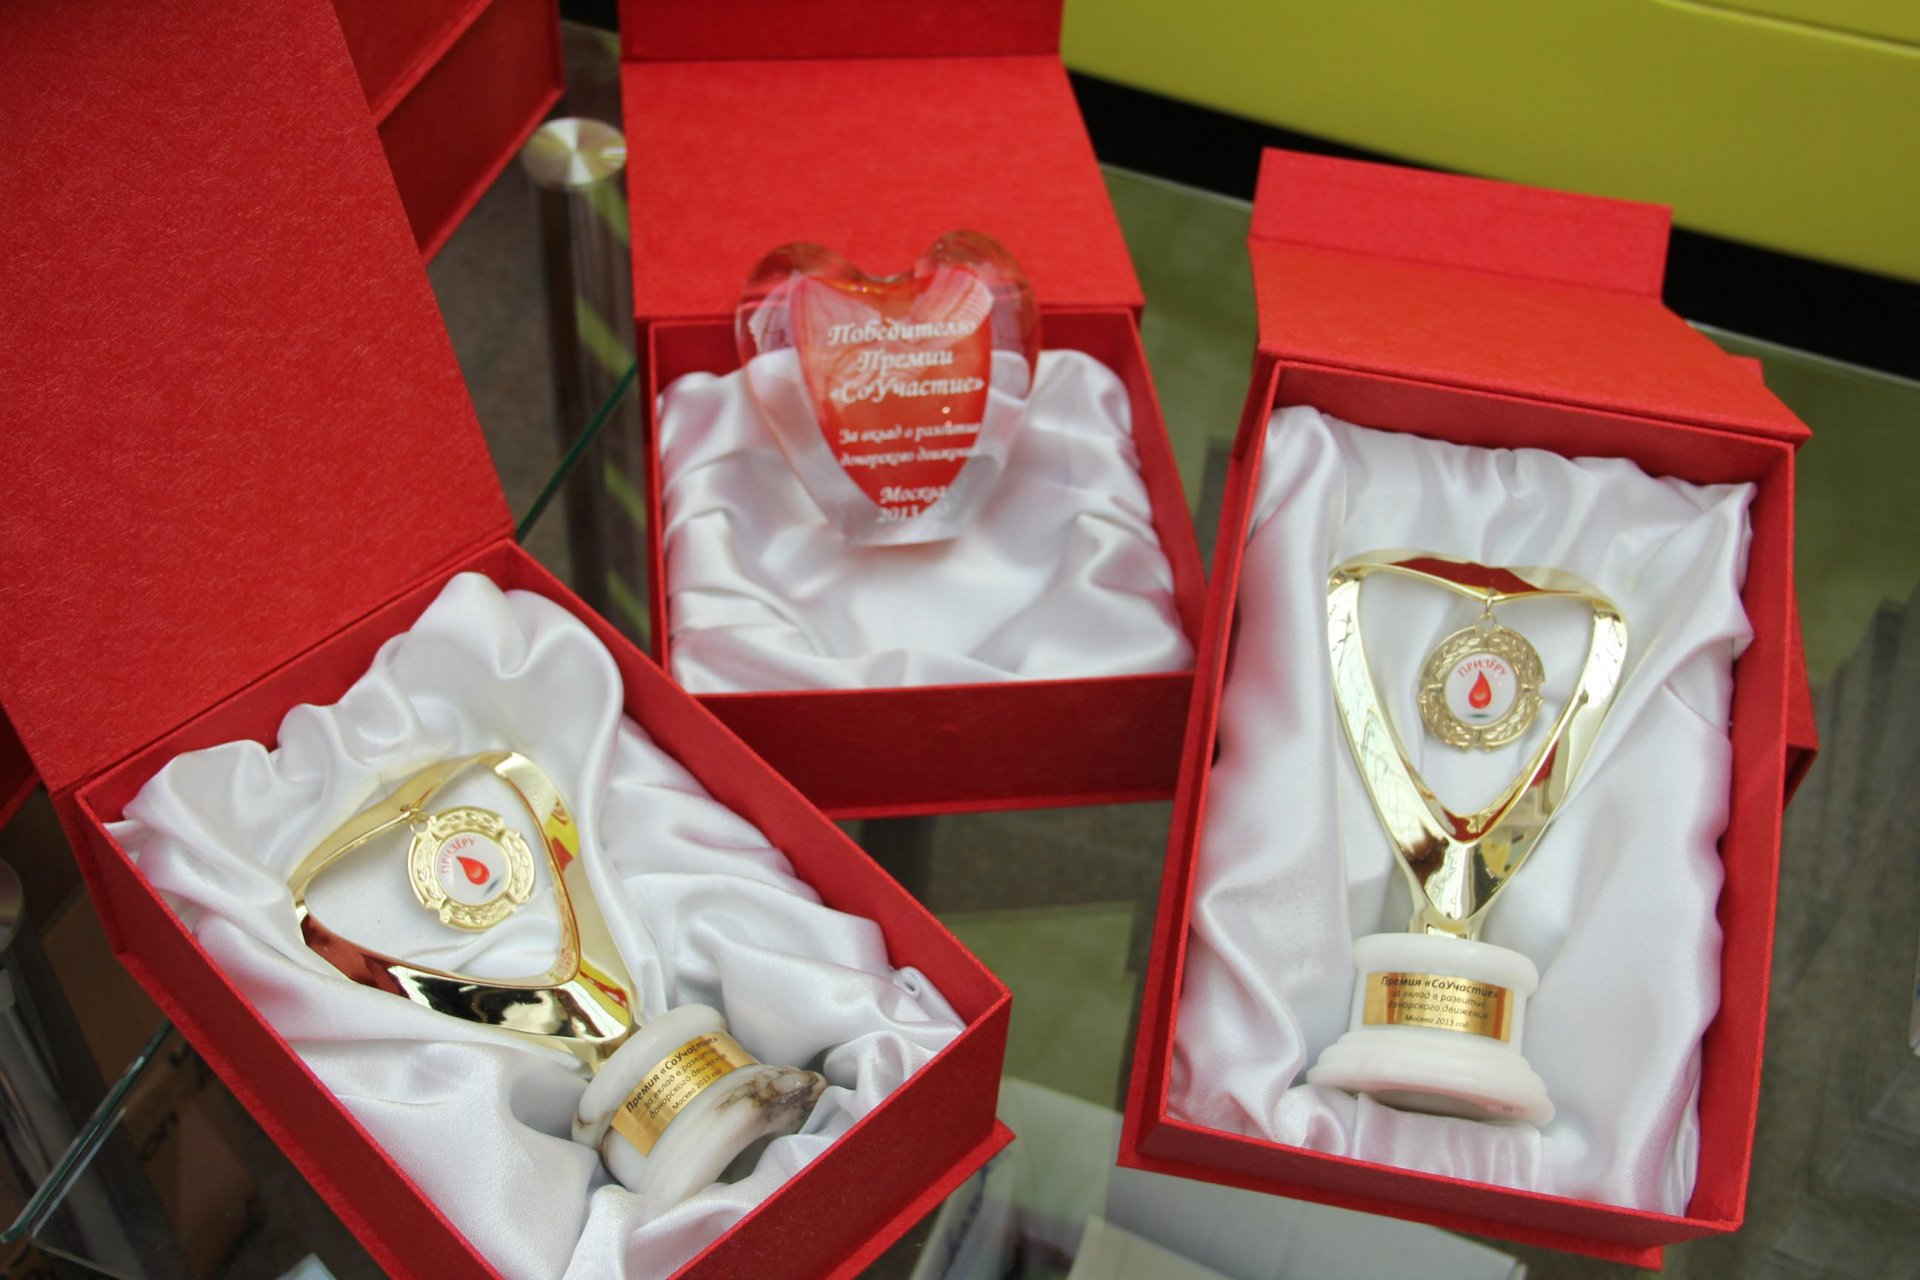 Костромичей приглашают побороться за победу в конкурсах девятой Всероссийской премии «СоУчастие».